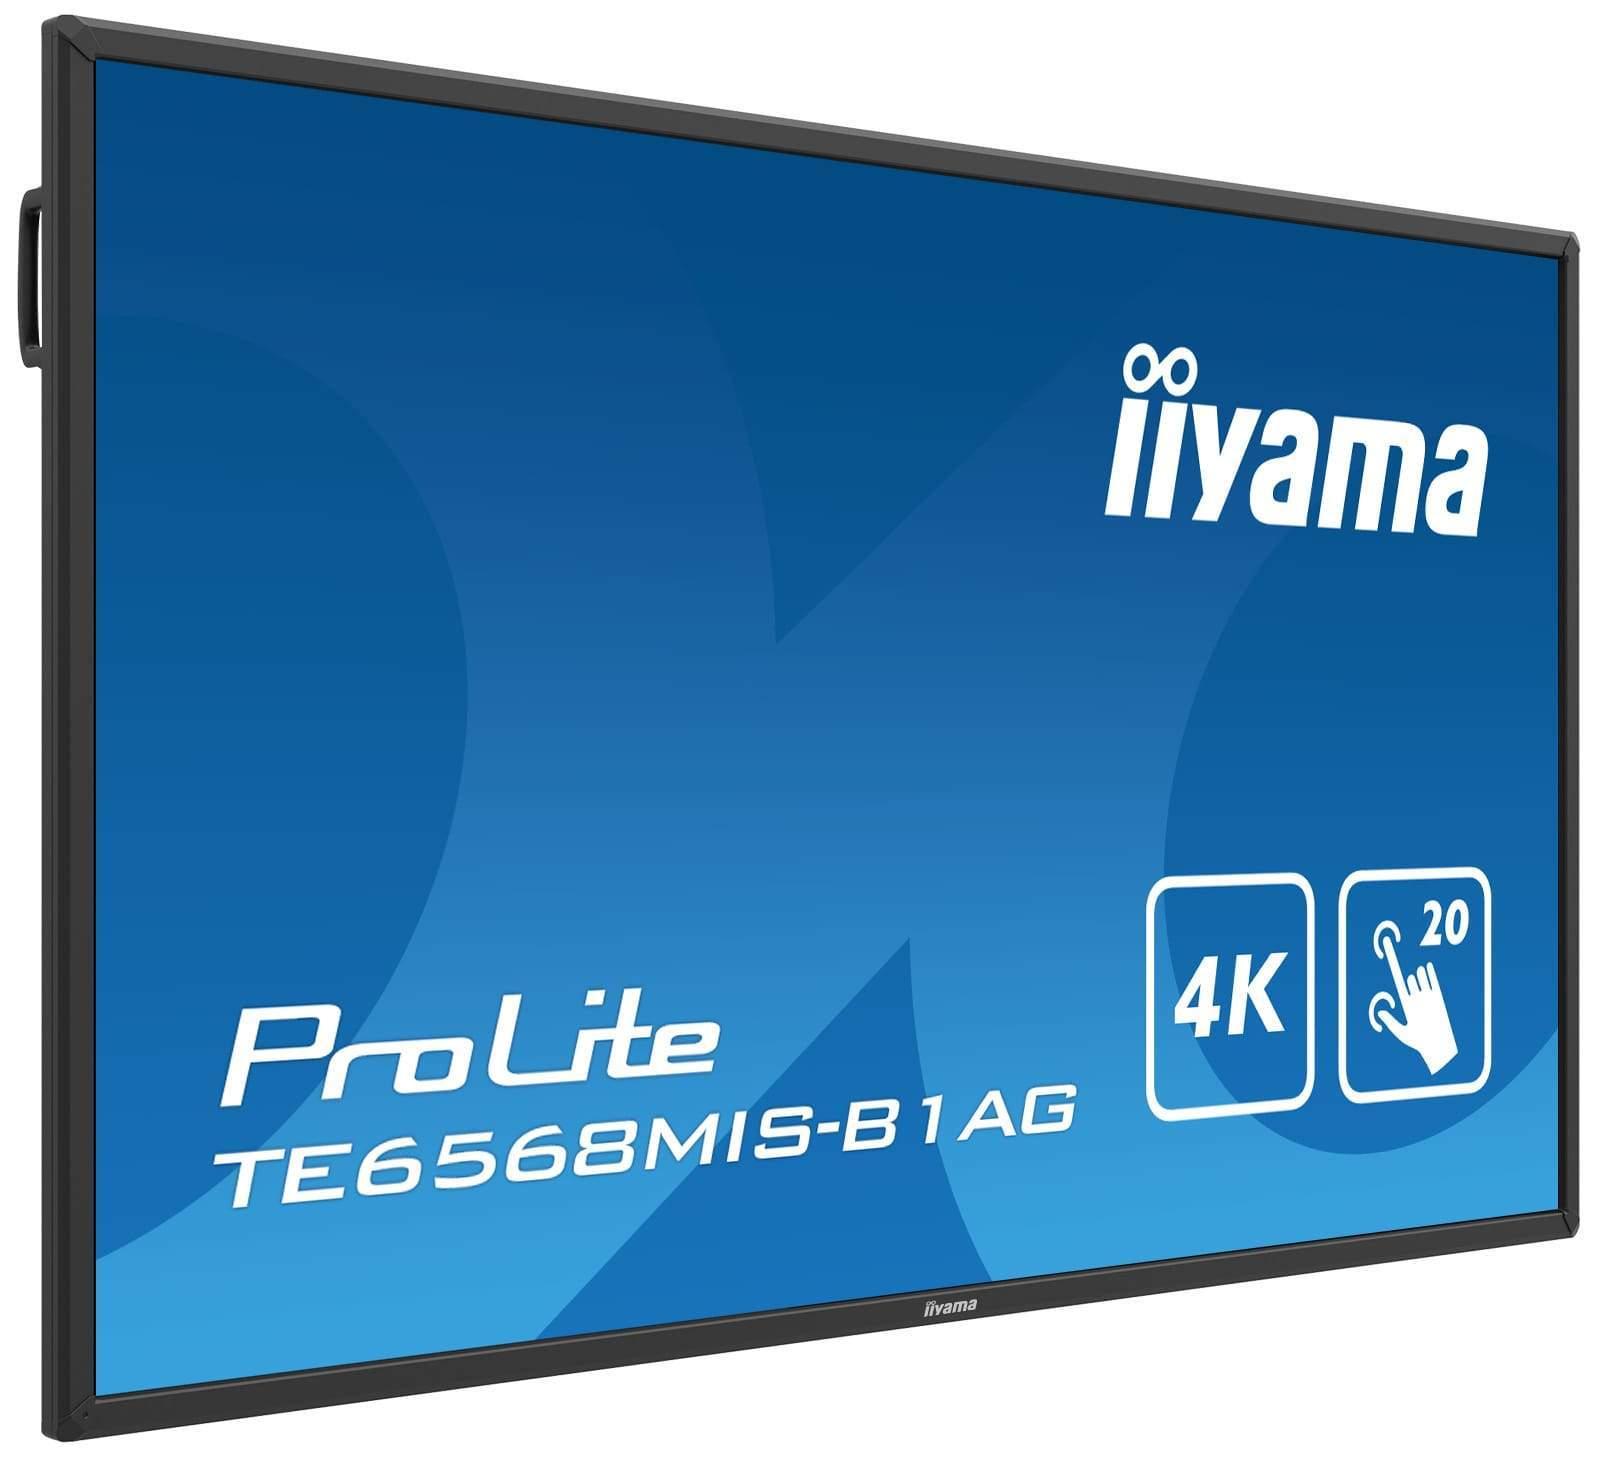 iiyama TE6568MIS-B1AG to proste urządzenie dotykowe o przekątnej 65-cali. Pomimo atrakcyjnej ceny, sprzęt pozwala na odtwarzanie prezentacji, plików wideo, zdjęć, slajdów i plików tekstowych bez konieczności podłączania do komputera.